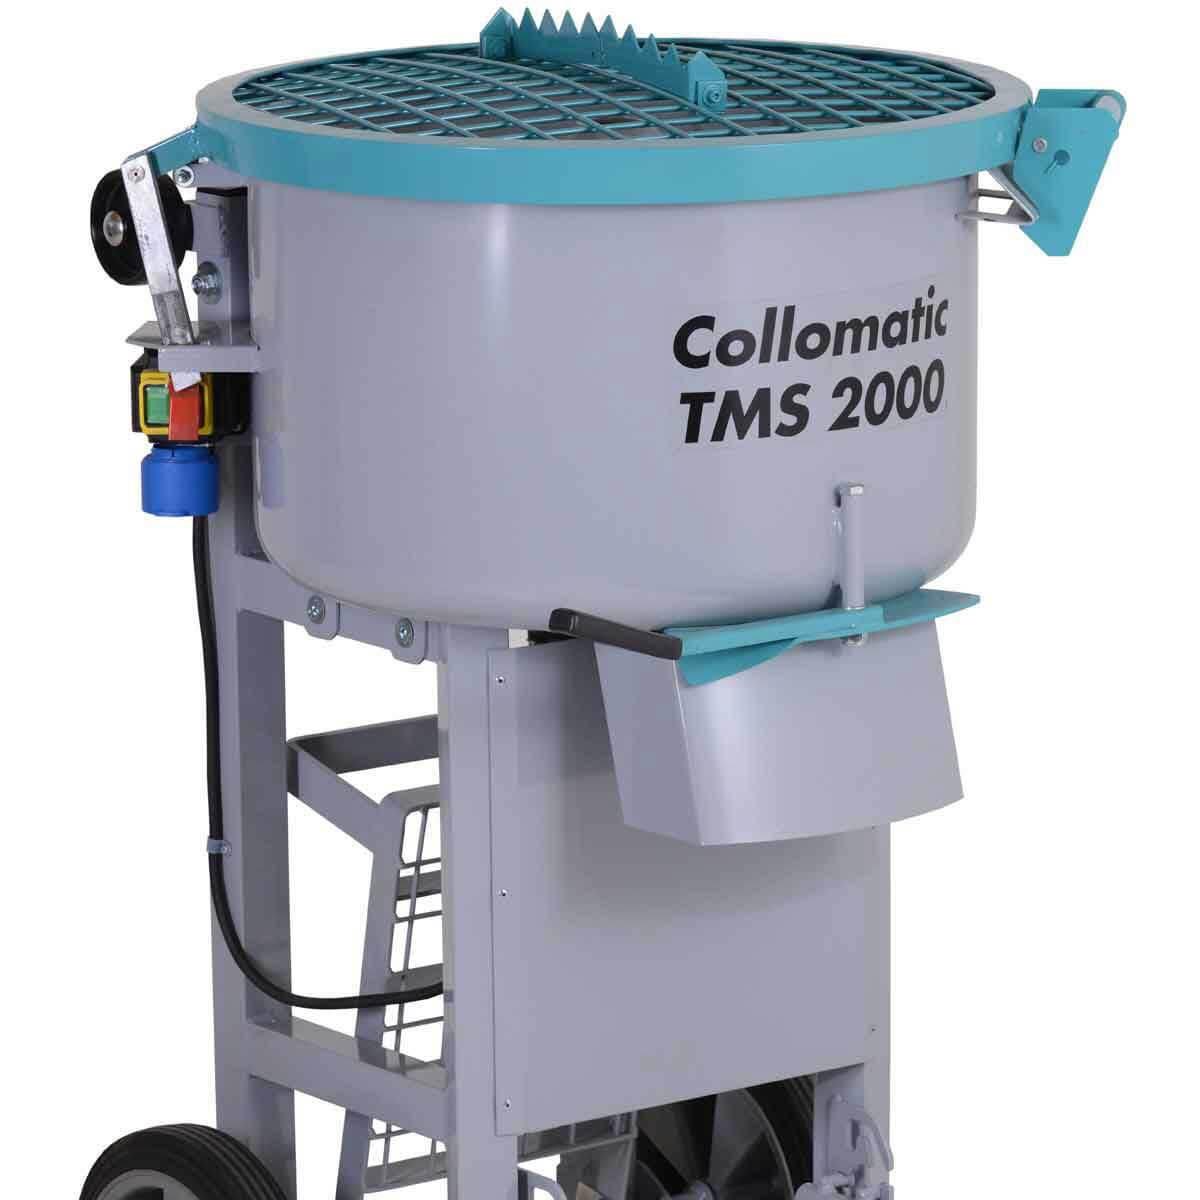 Collomix TMS 2000 Mortar Mixer drum